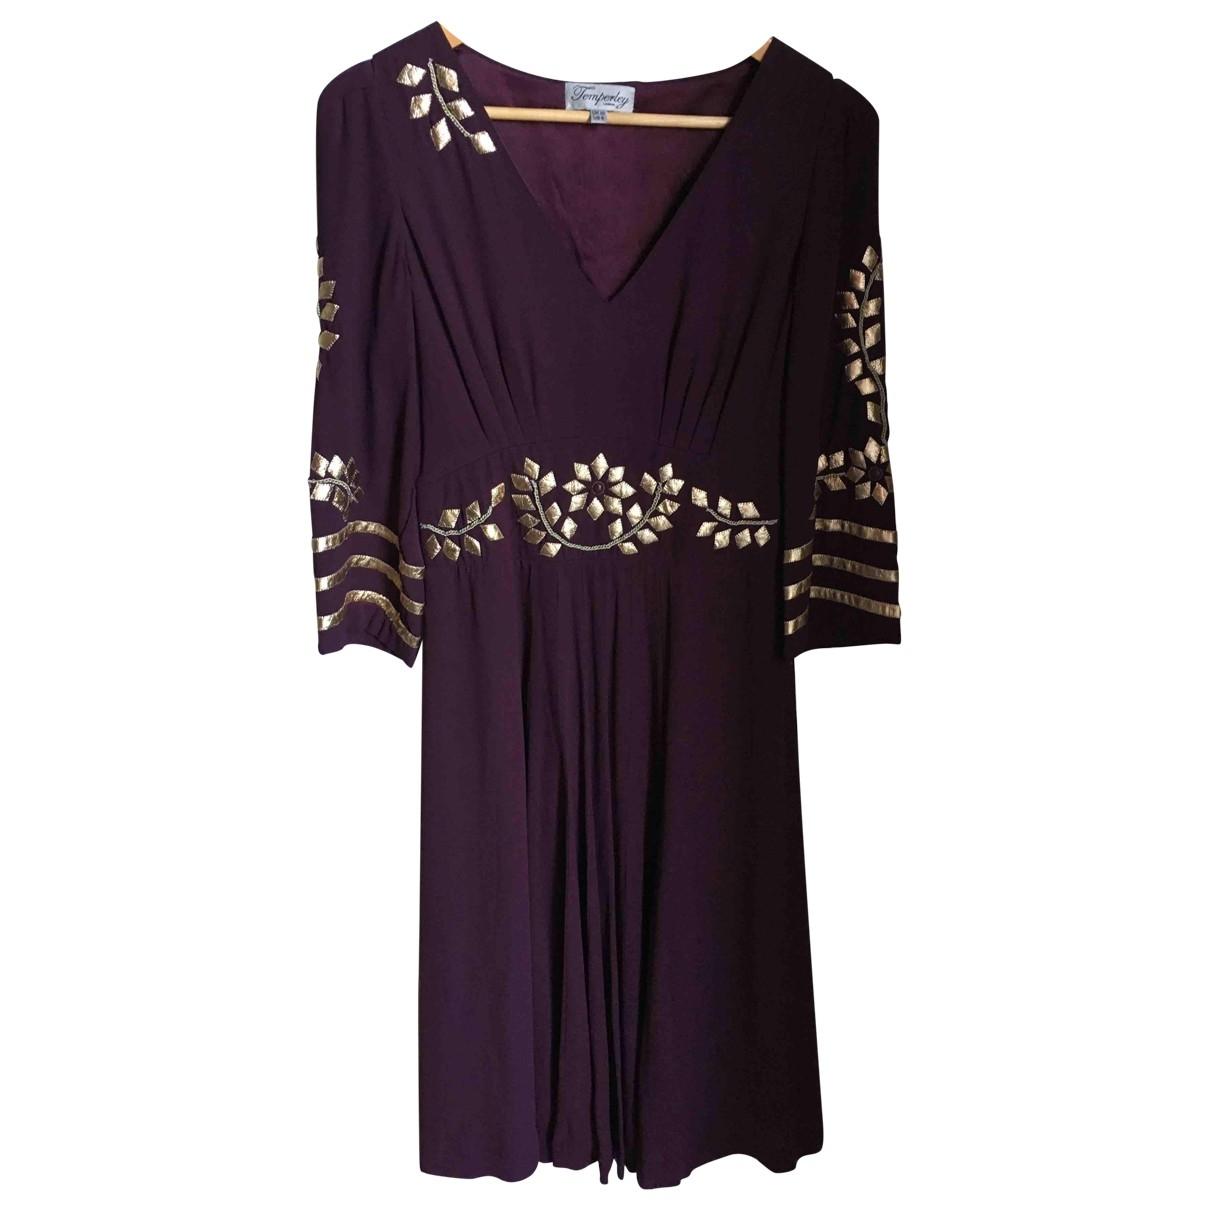 Temperley London \N Burgundy Silk dress for Women 10 UK